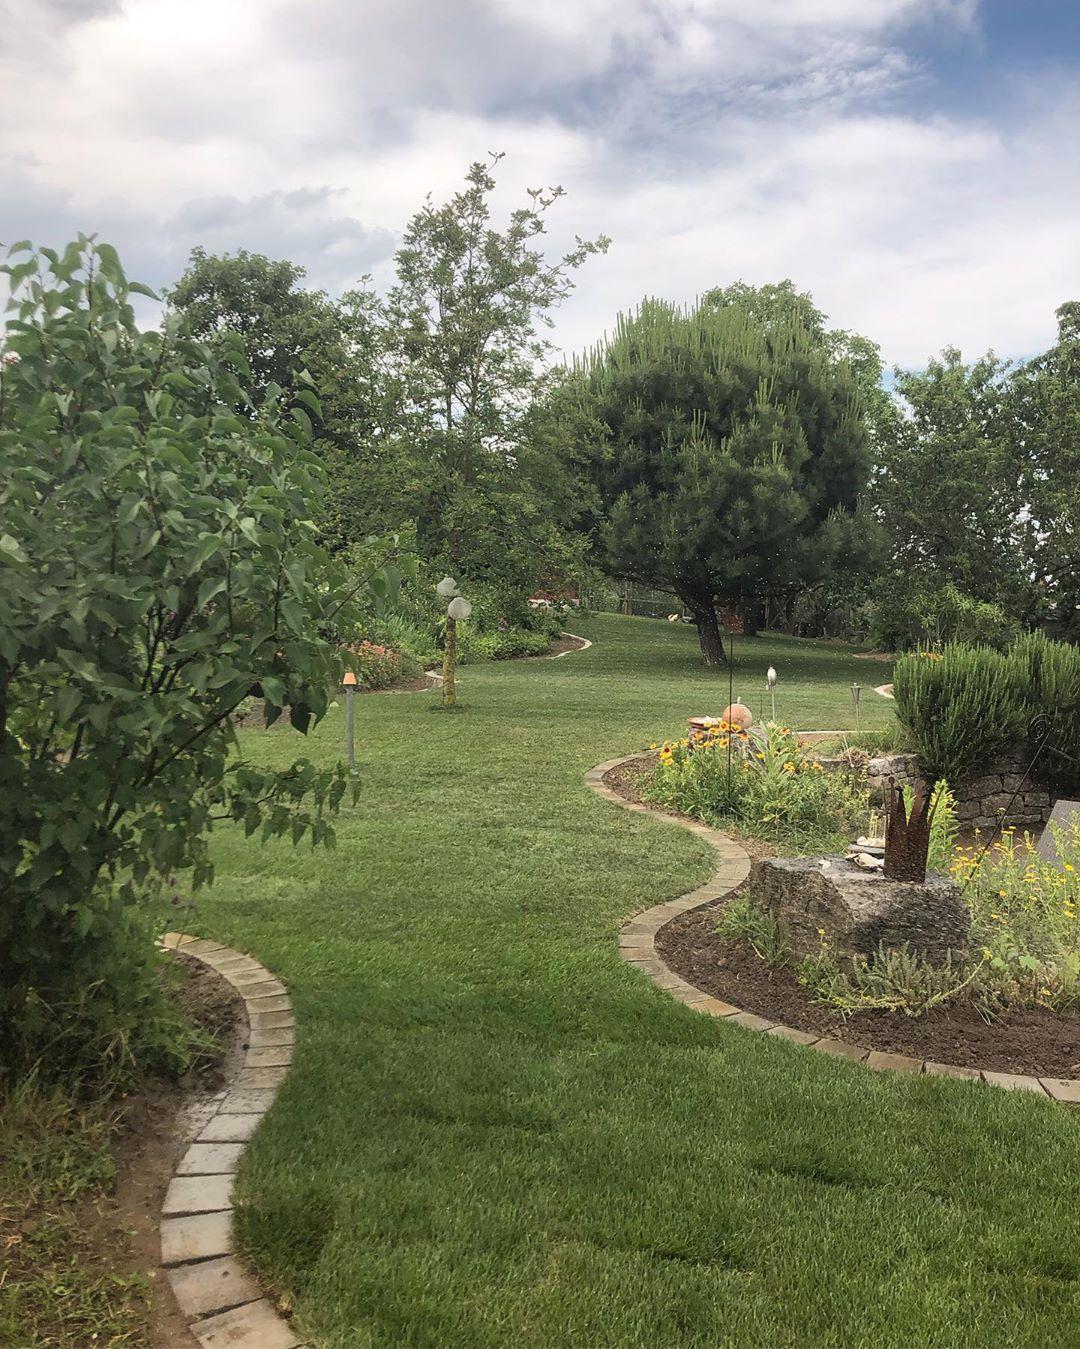 7 Arbeitstage 120 Qm Rasenband Und 400 Qm Rollrasen Spater Das Ist Beeindruckend Sagen Unsere Zufriedenen Kunden Zu Ihrer Ras Gartenbau Garten Bewassern